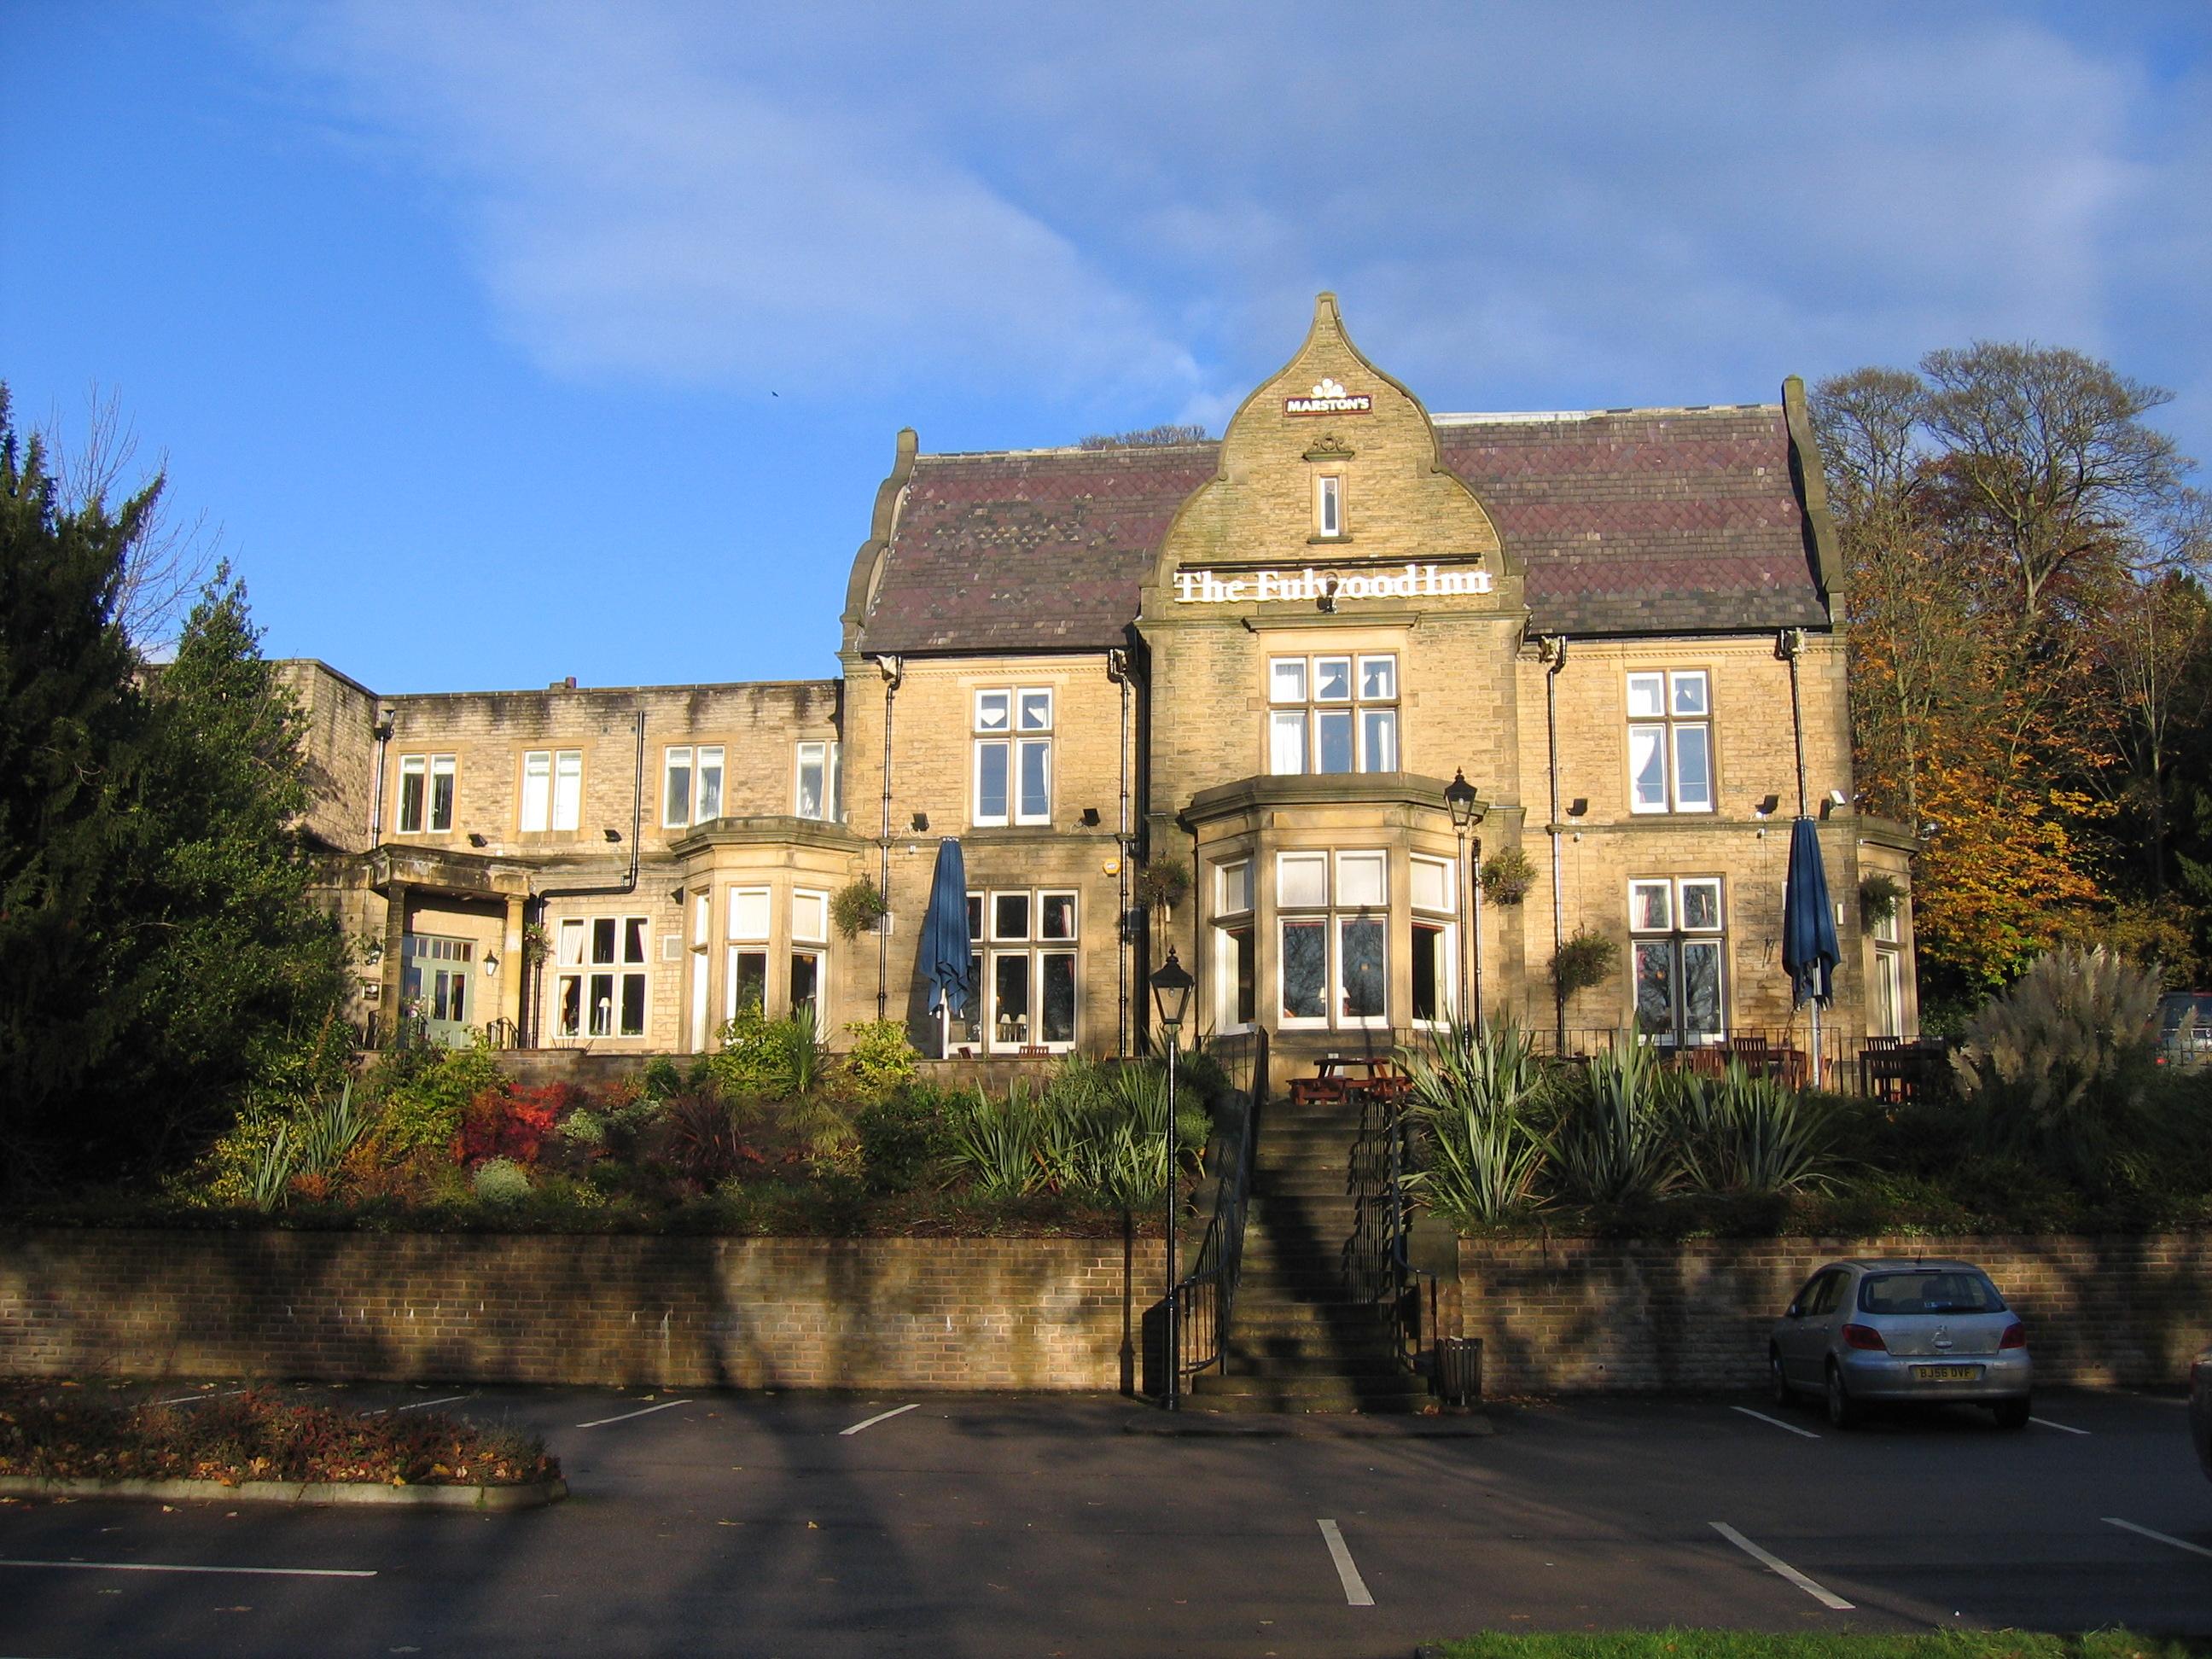 The Fulwood Inn Hotel